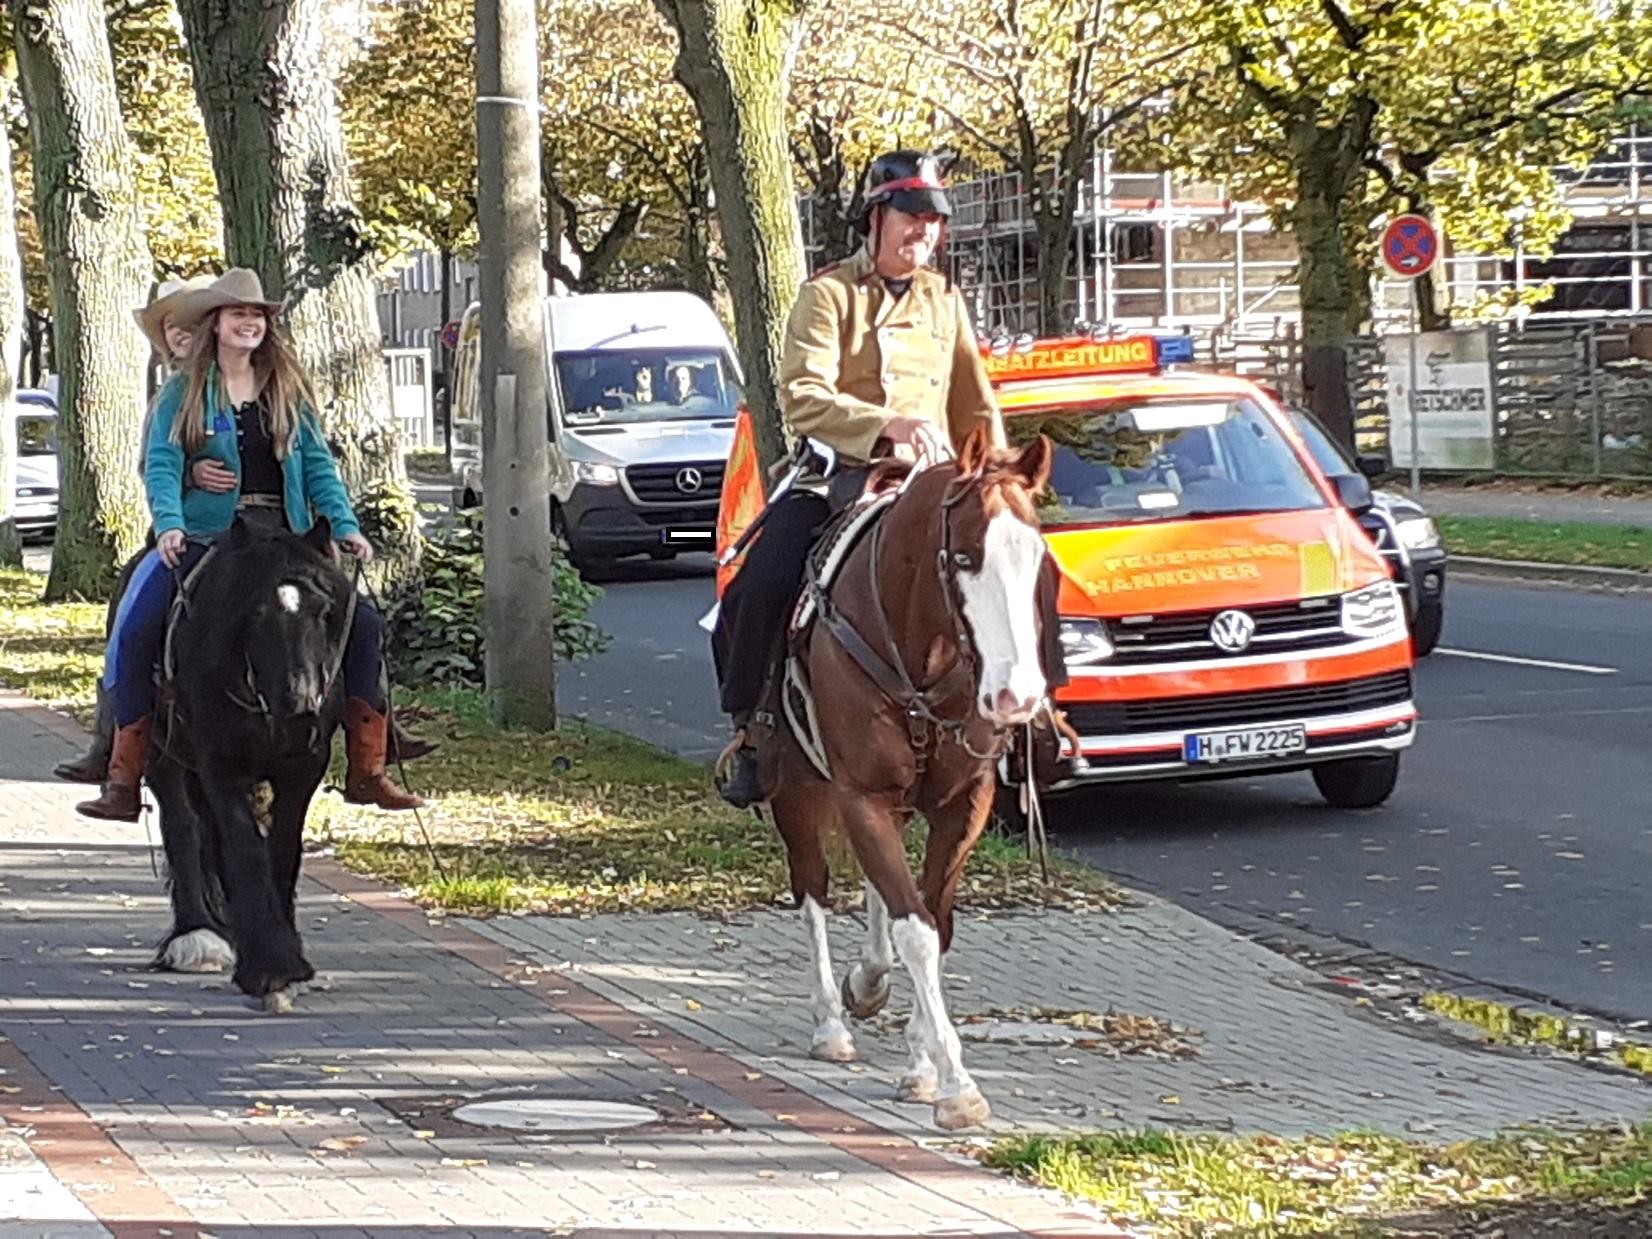 Am 16.10. war es soweit. Klaus` letzte Schicht bei der Feuerwehr und dann konnte er nachhause reiten!